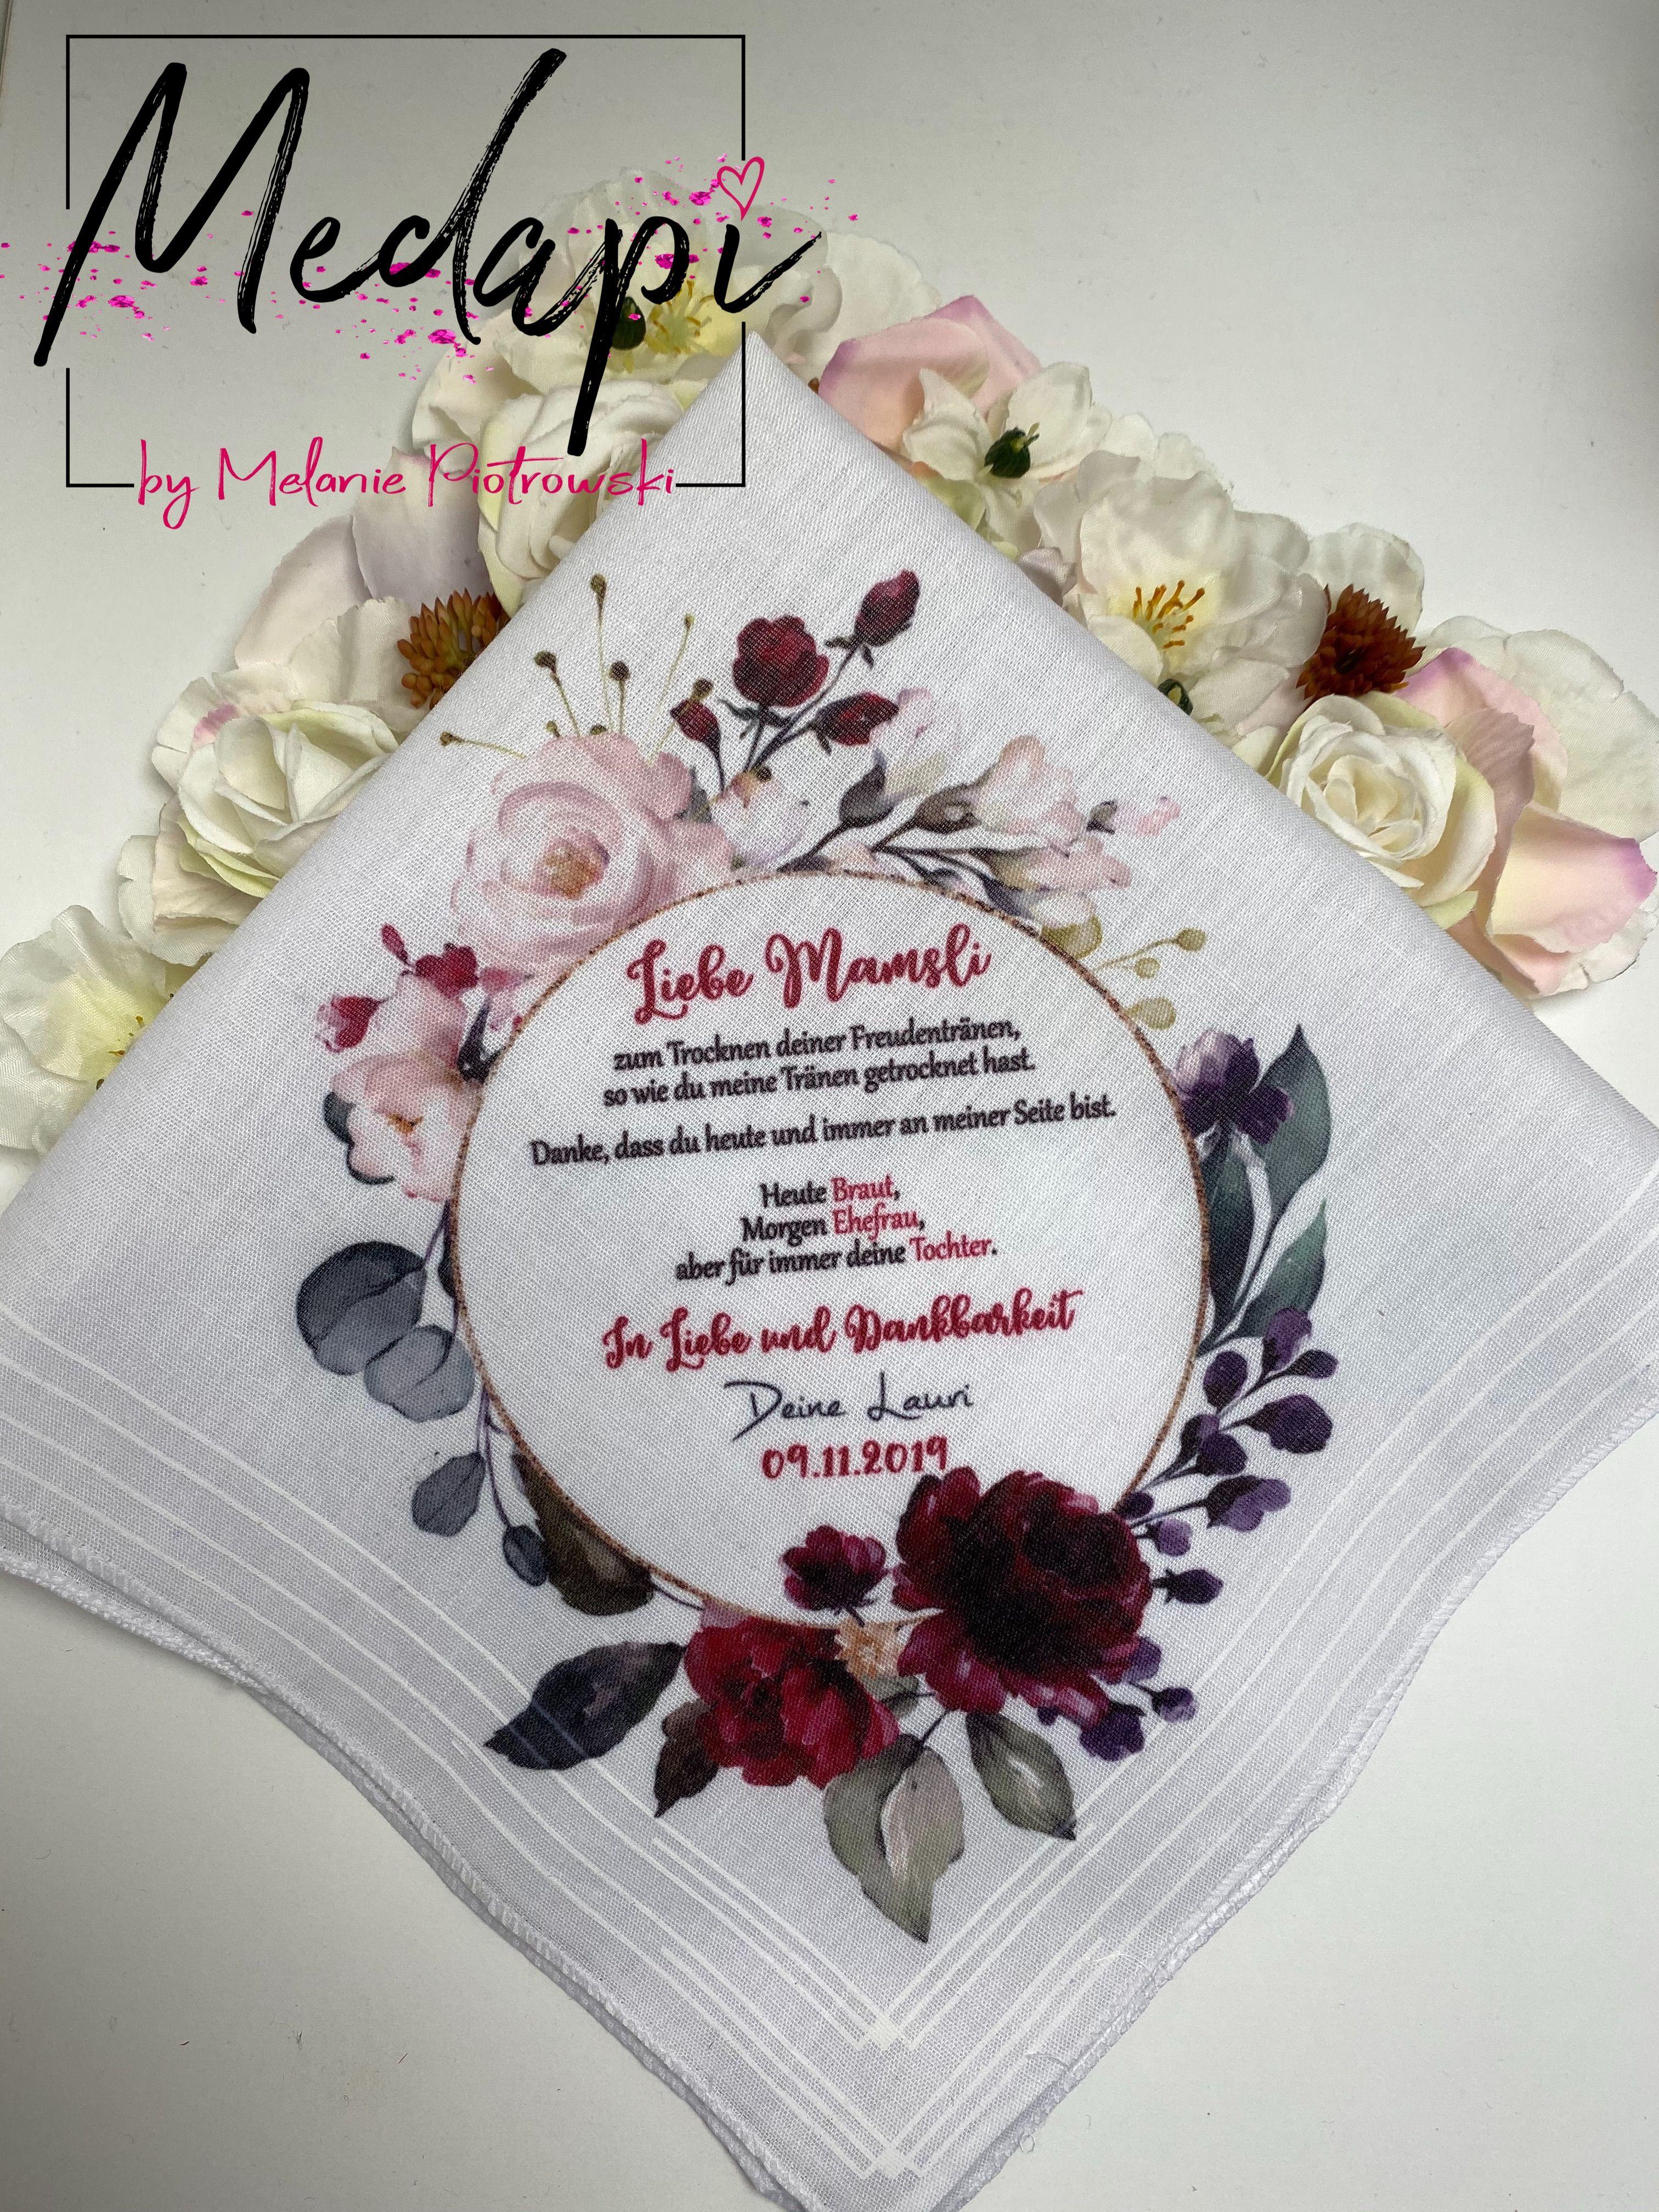 Taschentuch Fur Die Liebsten Zb Fur Die Brautmutter Nach Wunsch Bedruckt Taschentucher Taschentucher Hochzeit Brautmutter